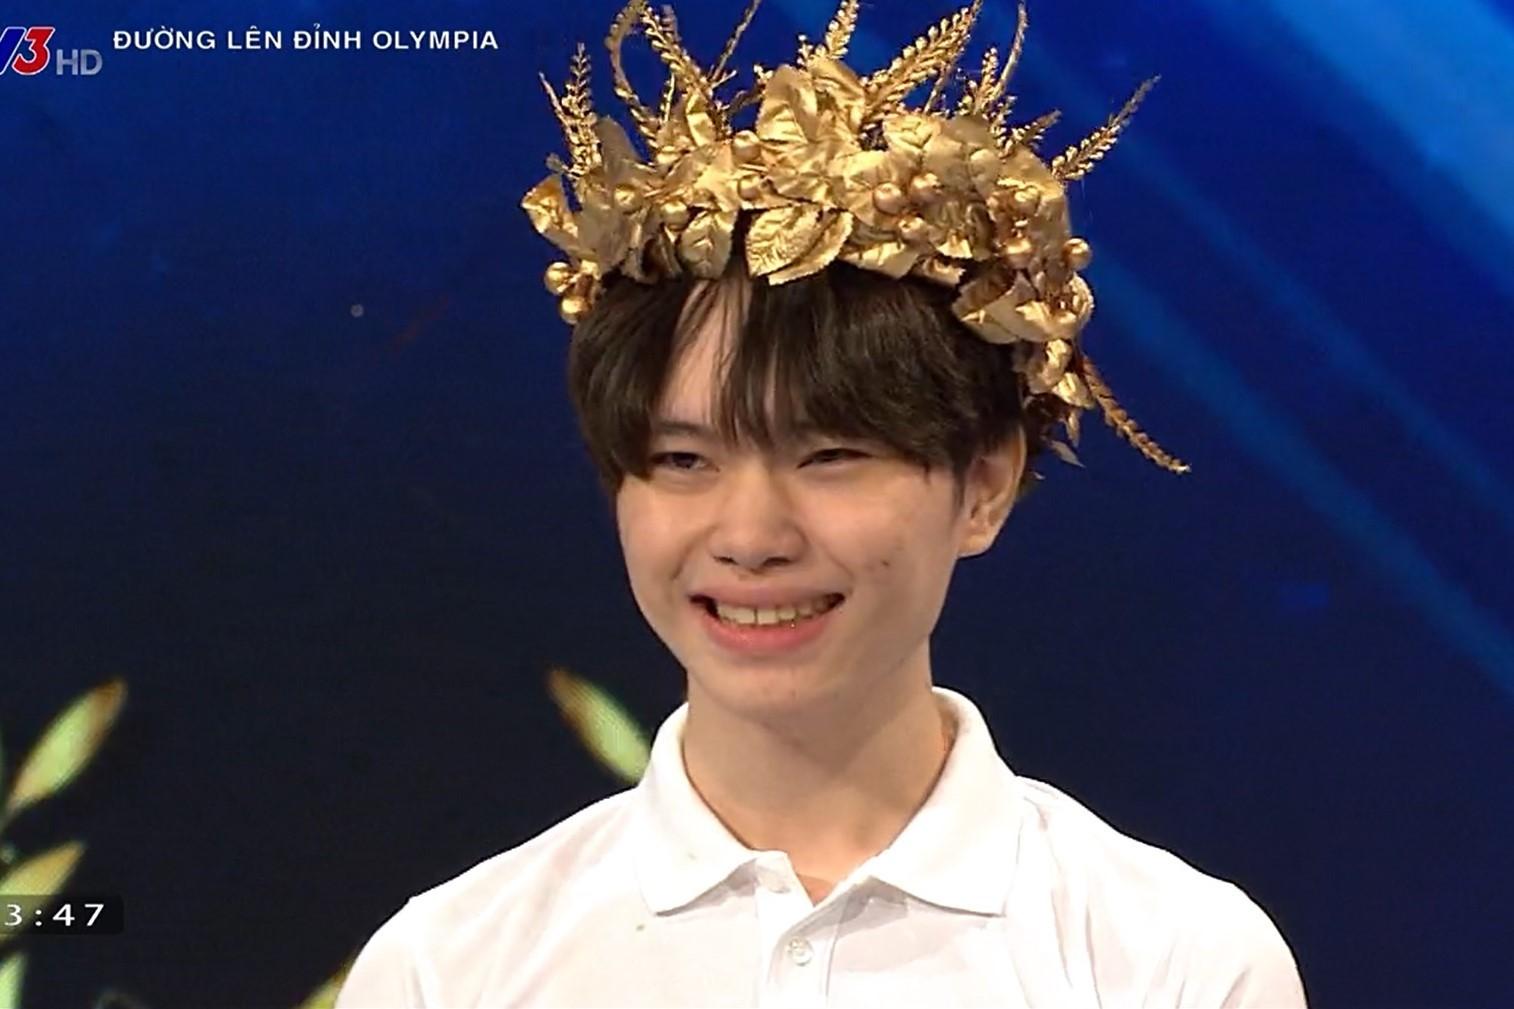 Nam sinh Nghệ An giành tấm vé cuối cùng vào chung kết năm Olympia